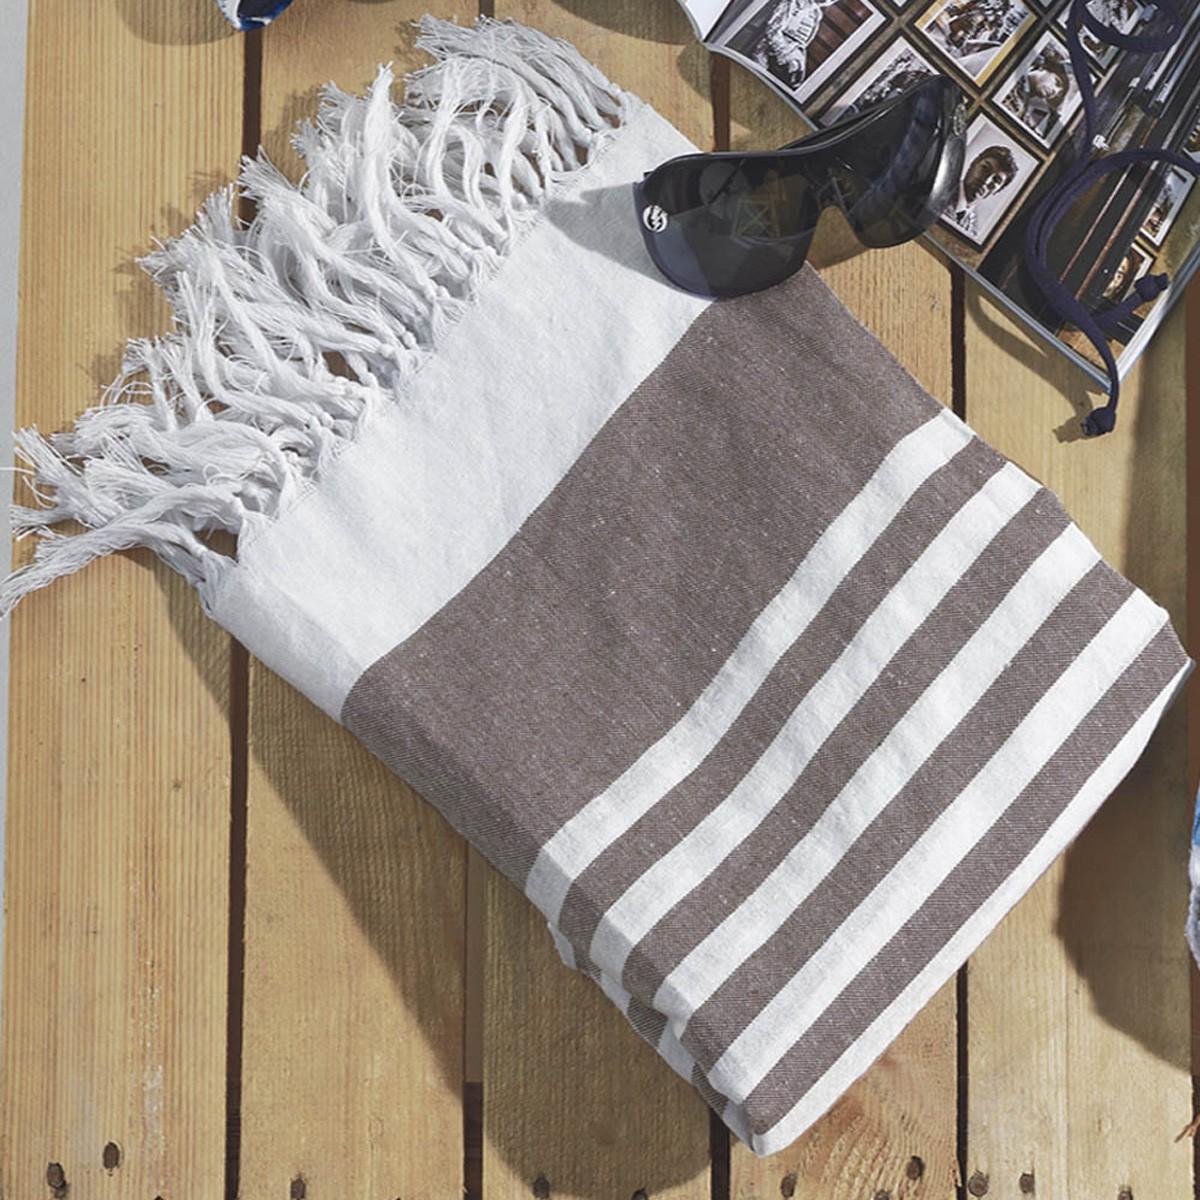 Πετσέτα Θαλάσσης-Παρεό Kentia Sunny 174 home   θαλάσσης   πετσέτες θαλάσσης ενηλίκων